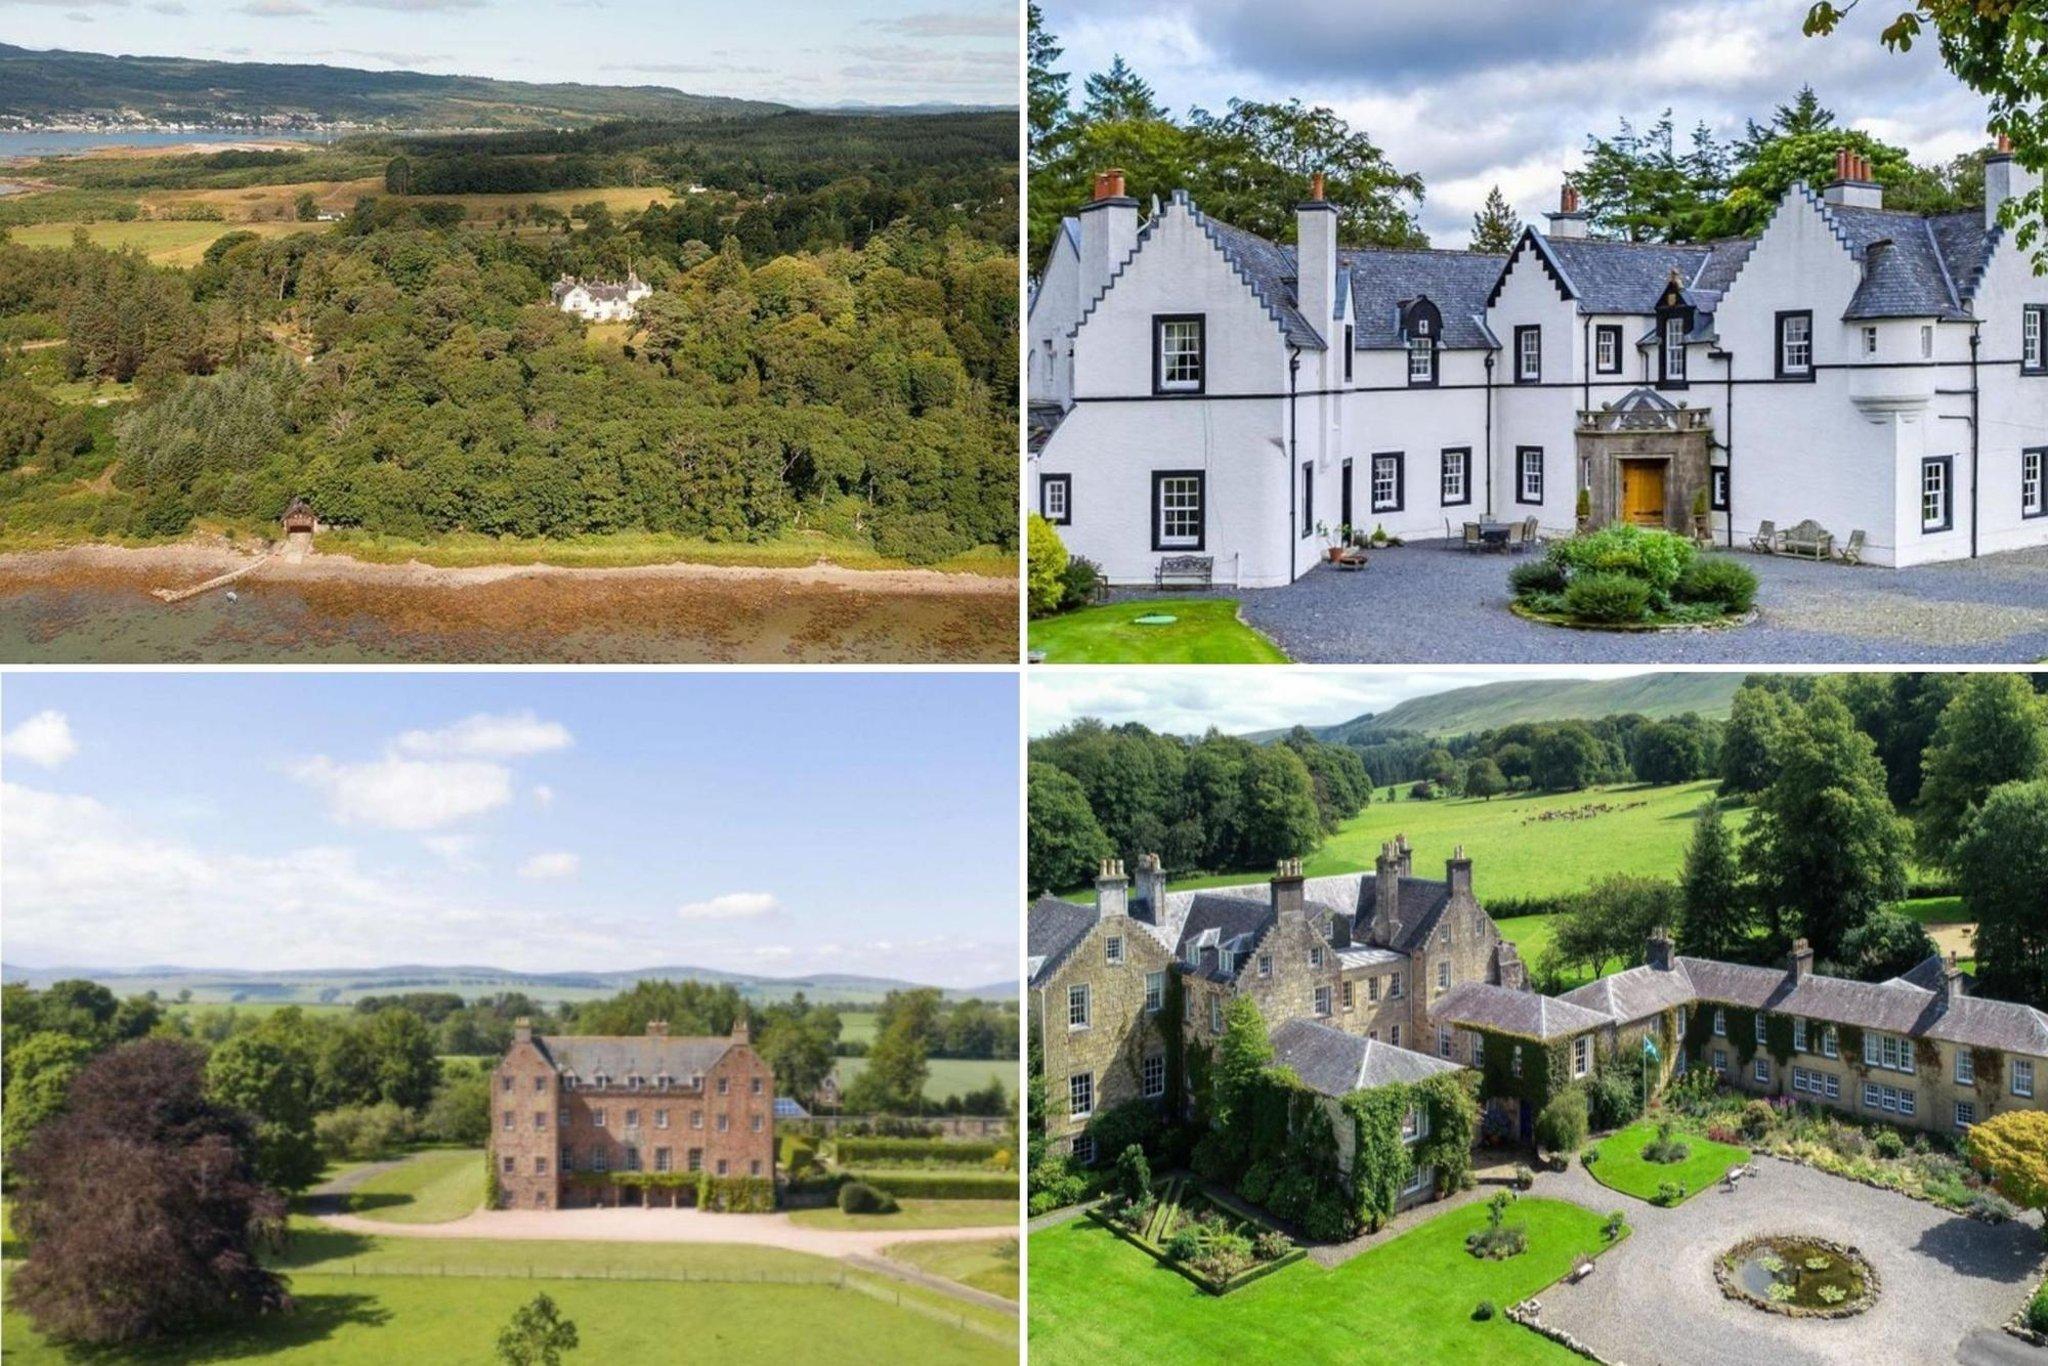 Undian EuroMillion: Berikut adalah 7 properti Skotlandia yang layak untuk pemenang lotre yang ada di pasaran sekarang